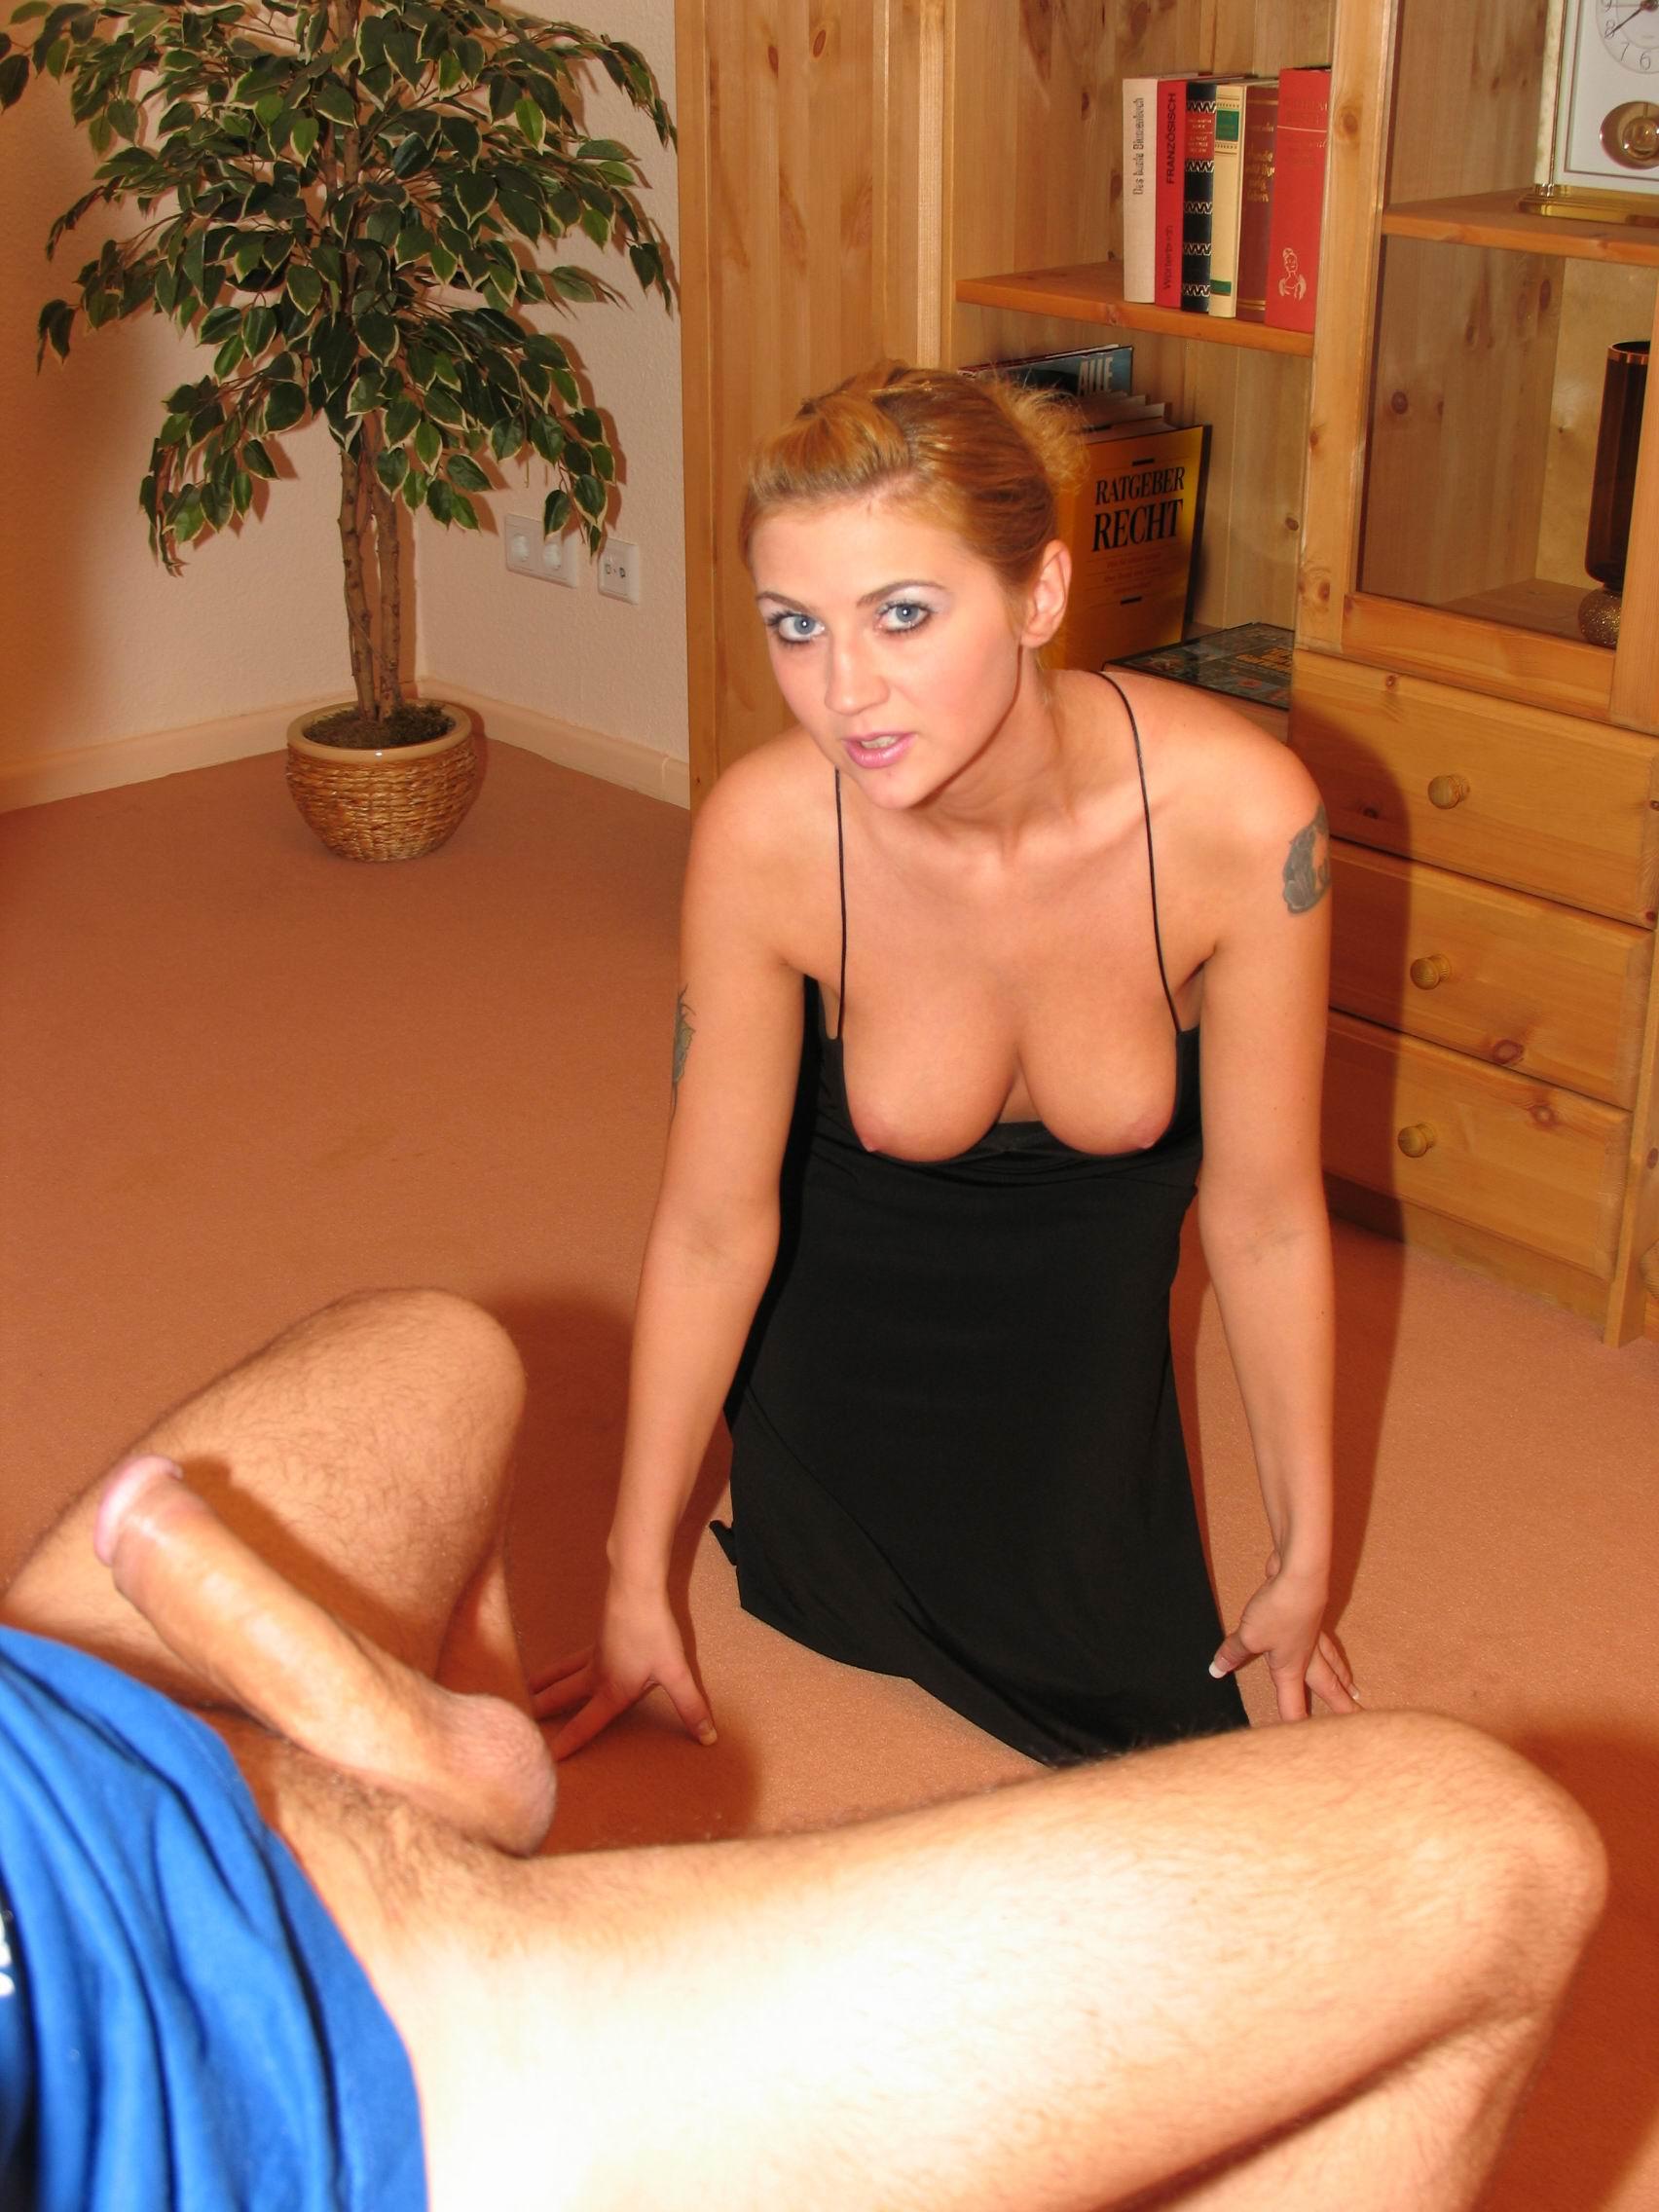 gratis erotisch contact stijve lul aftrekken